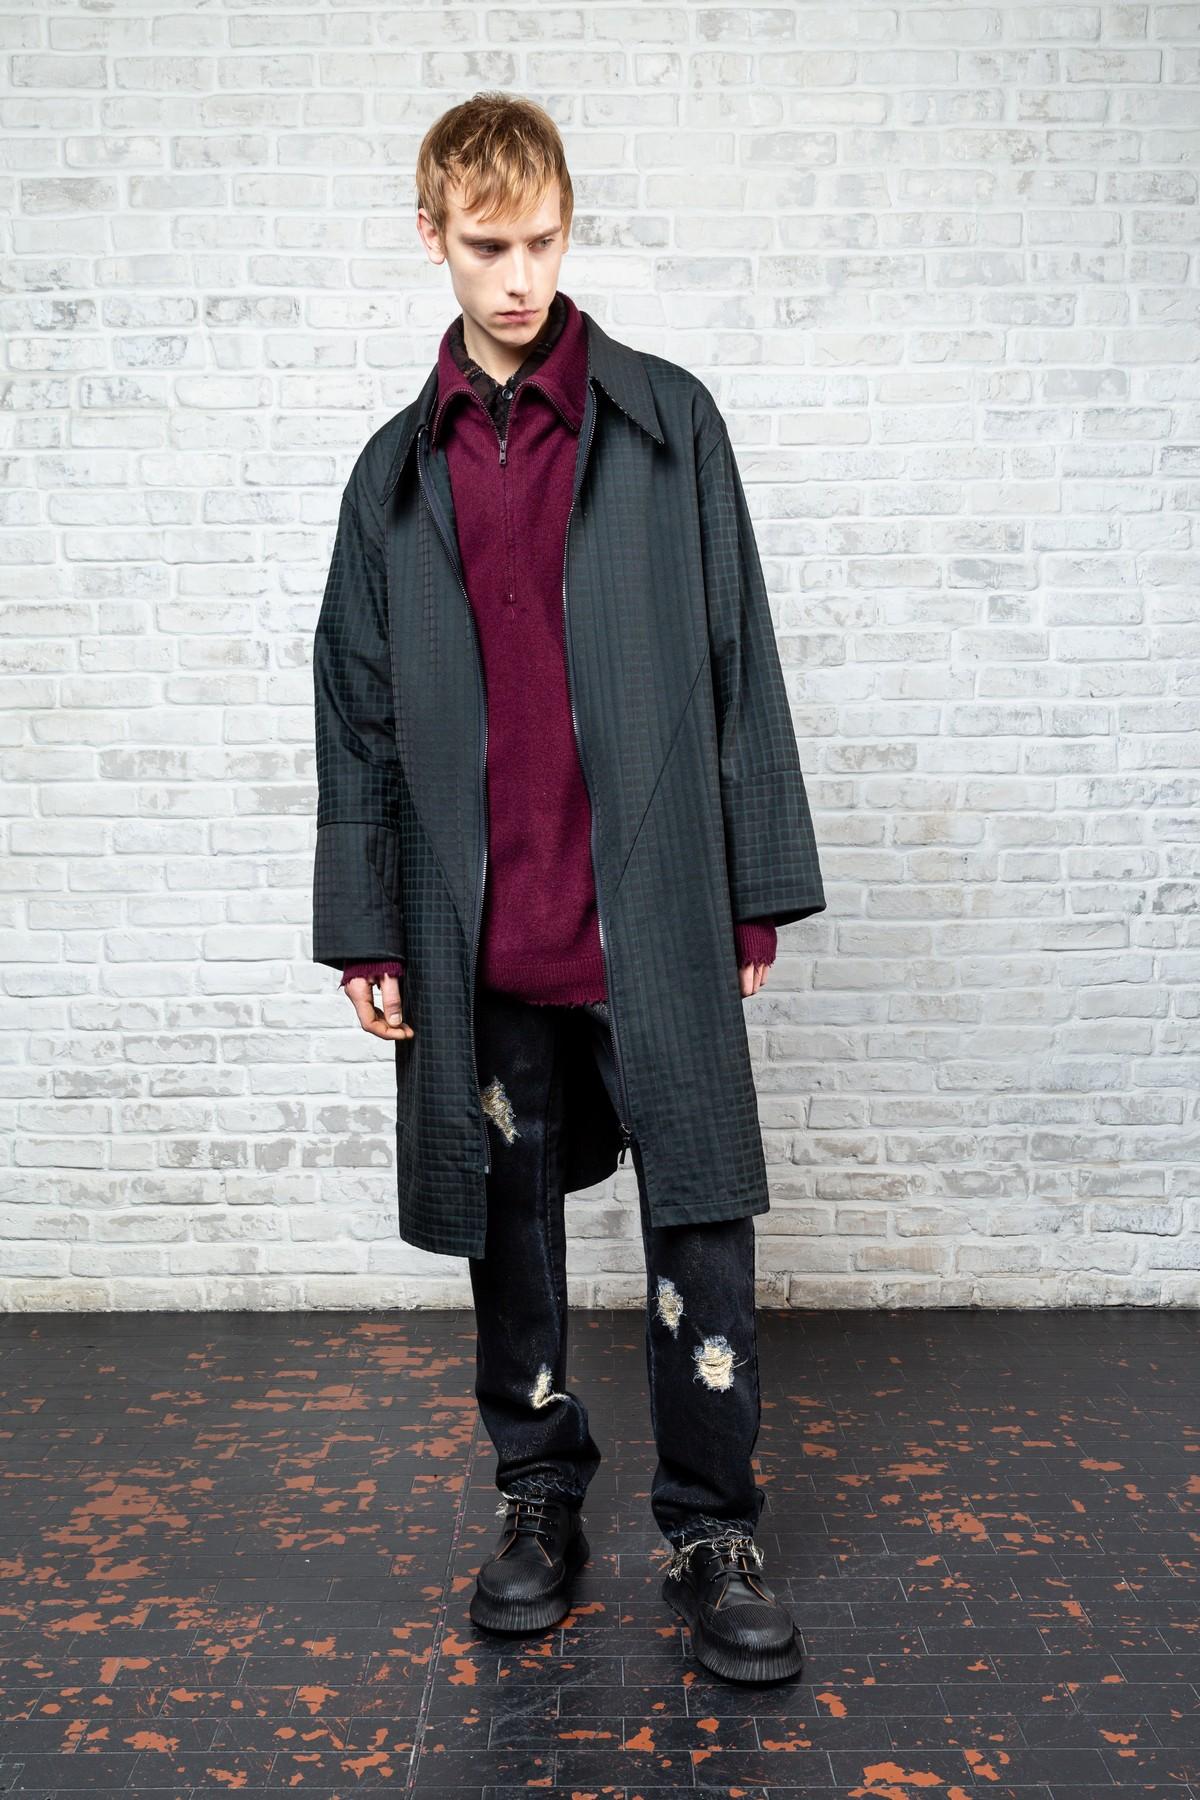 Tendenze moda uomo autunno inverno 2019